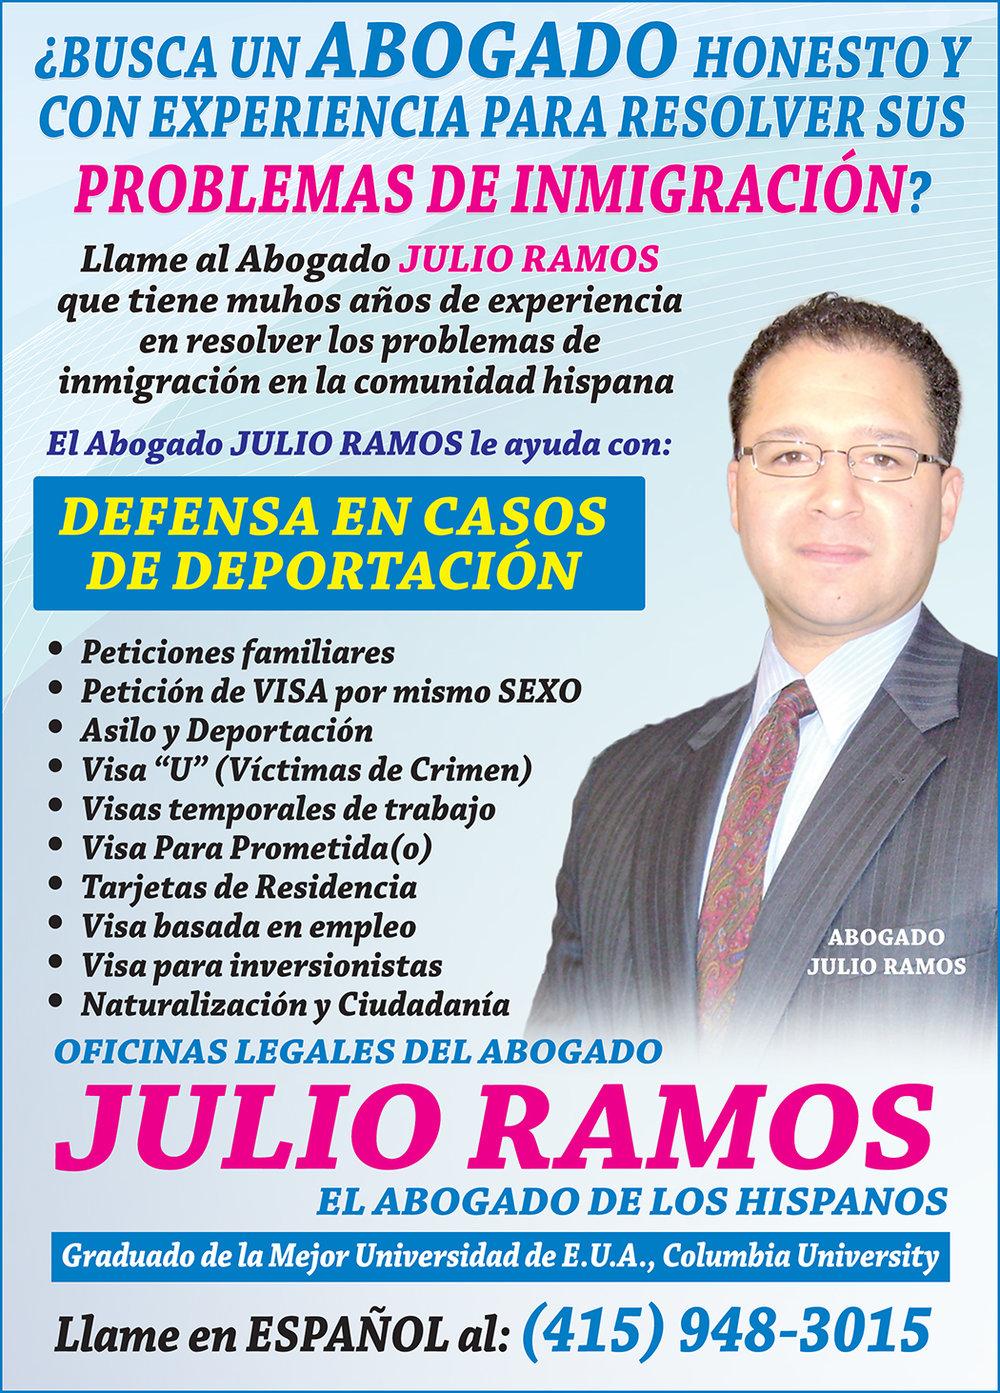 Julio Ramos 1 Pag Inmigracion NOV 2017.jpg